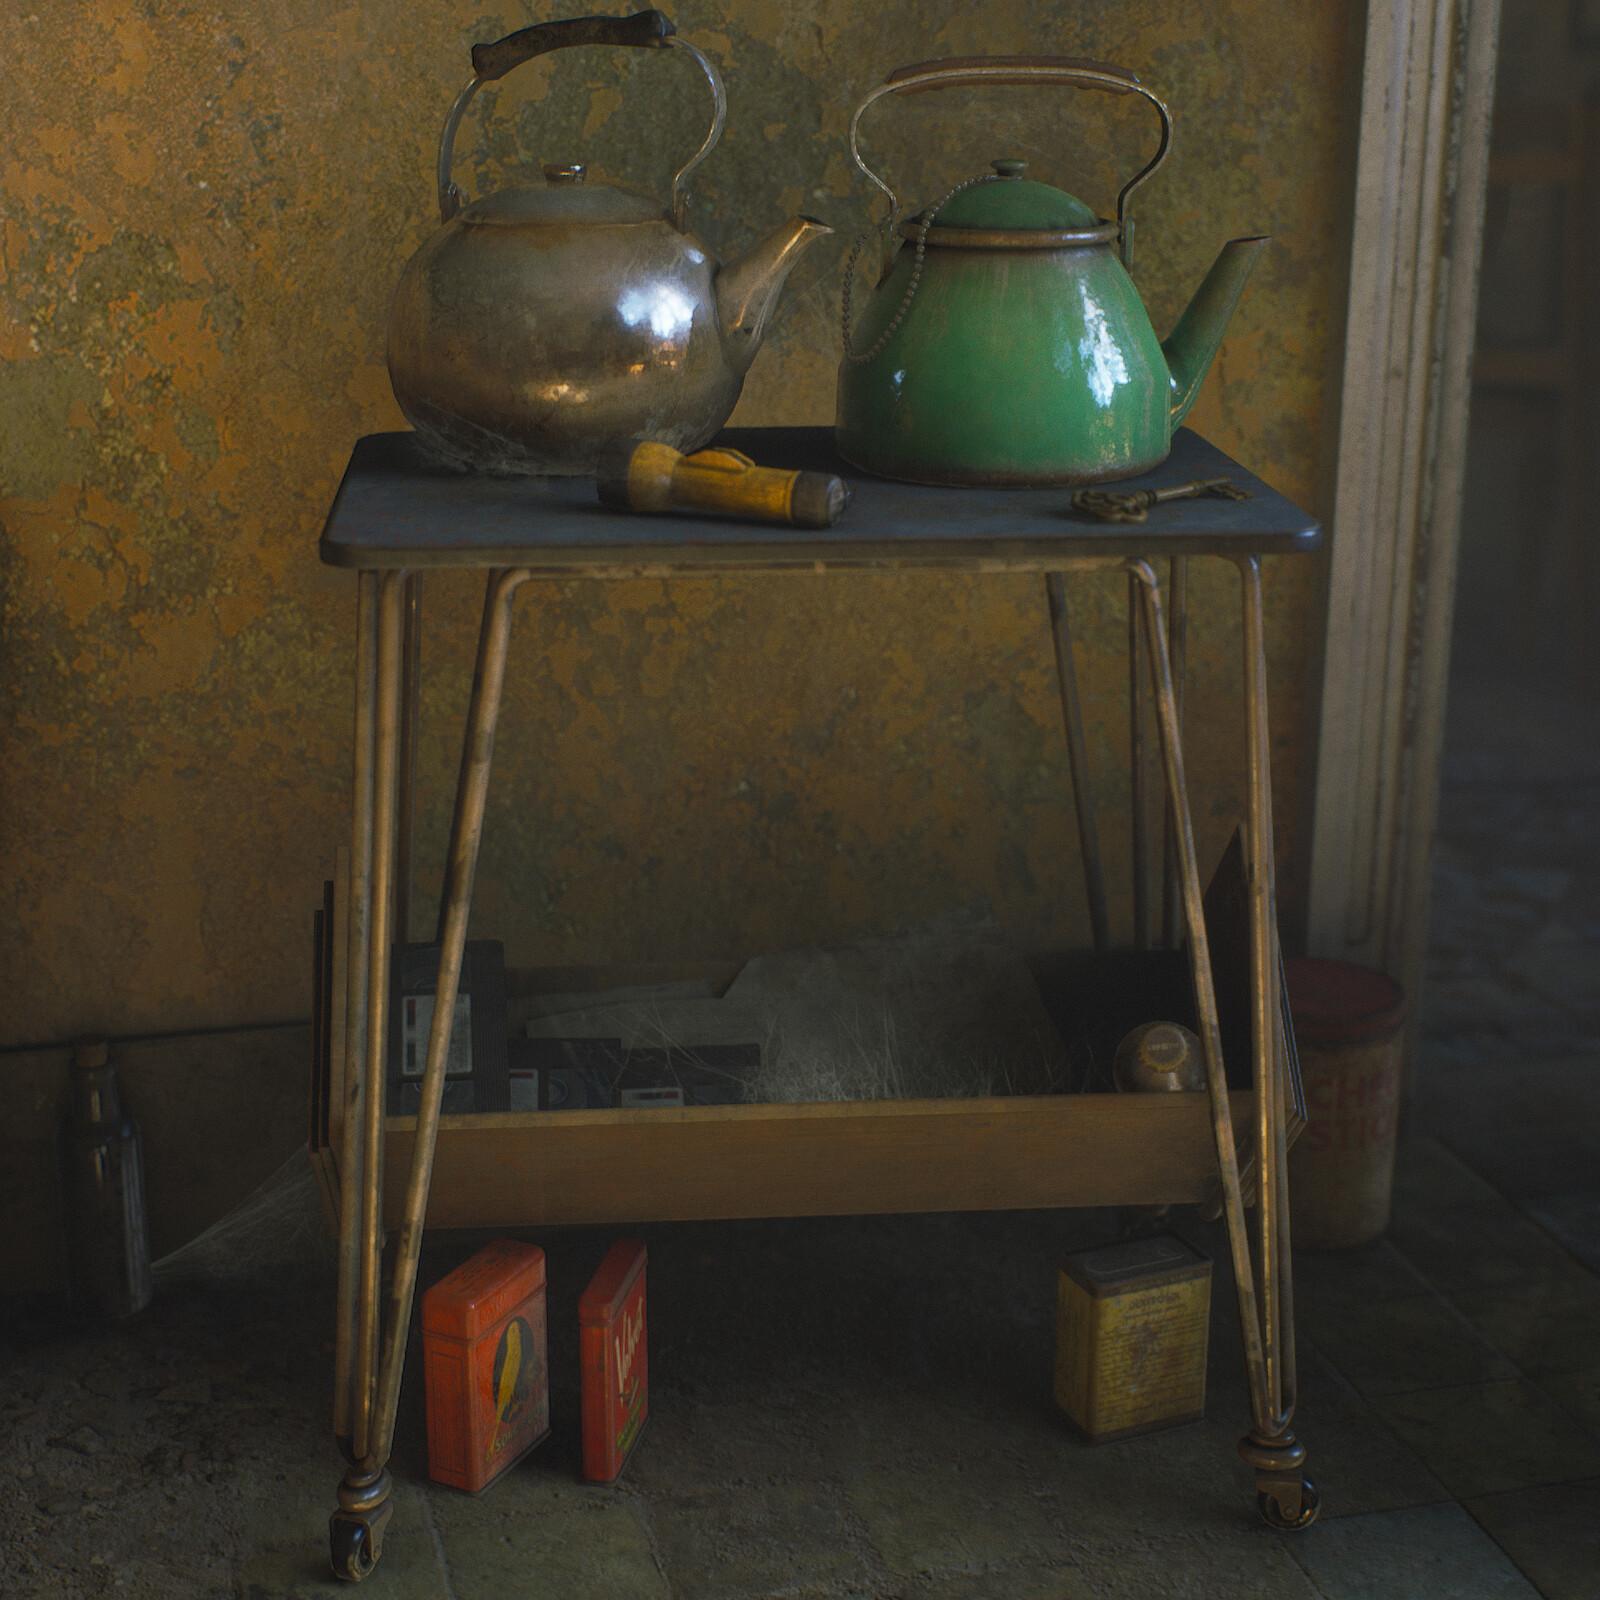 Vintage Kettles & Table - game assets